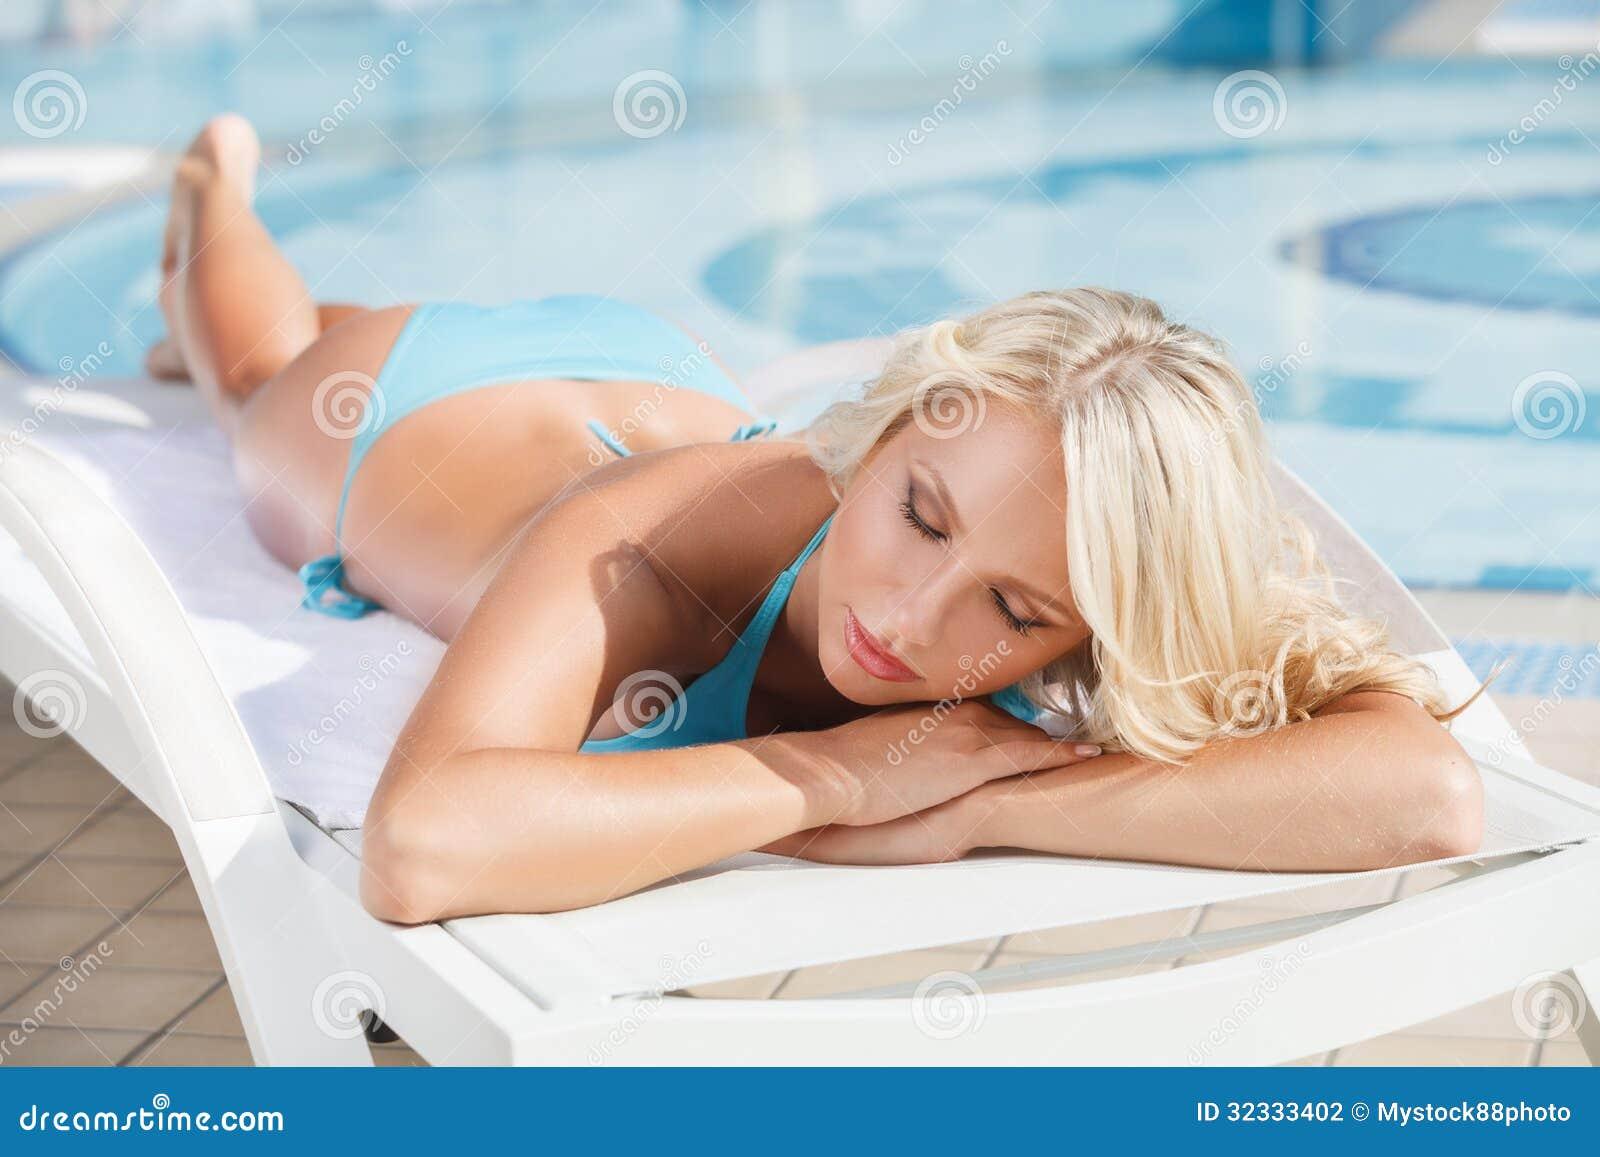 Sun Tanning. Beautiful Young Women In Bikini Lying On The ...